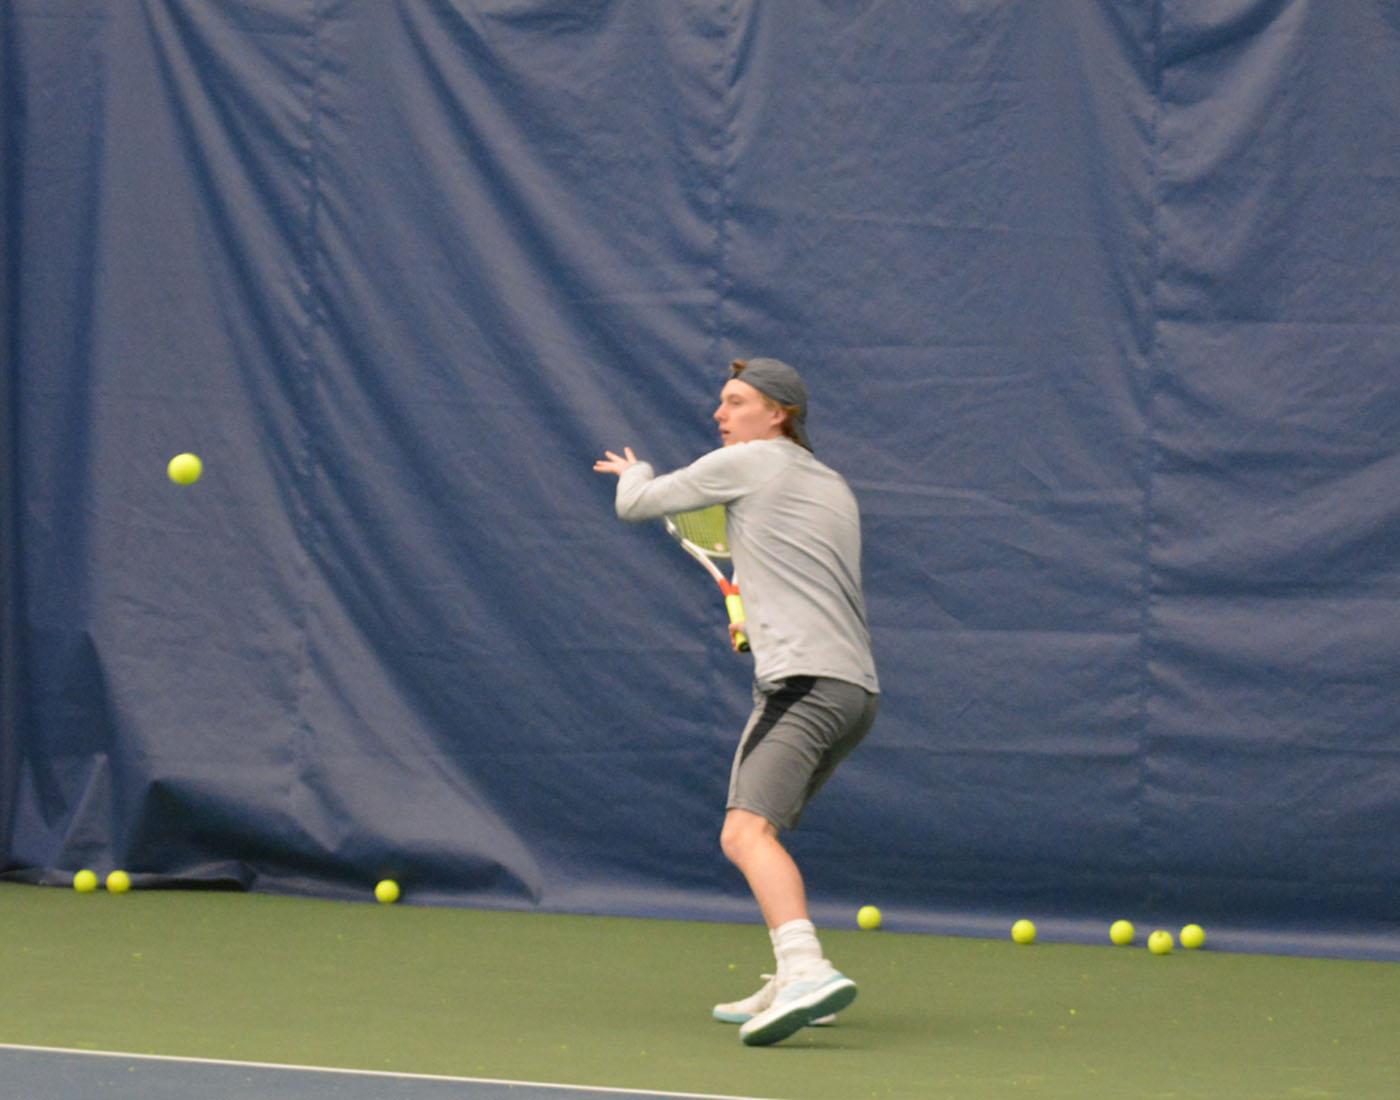 Evan Huemoeller practices at West Hills